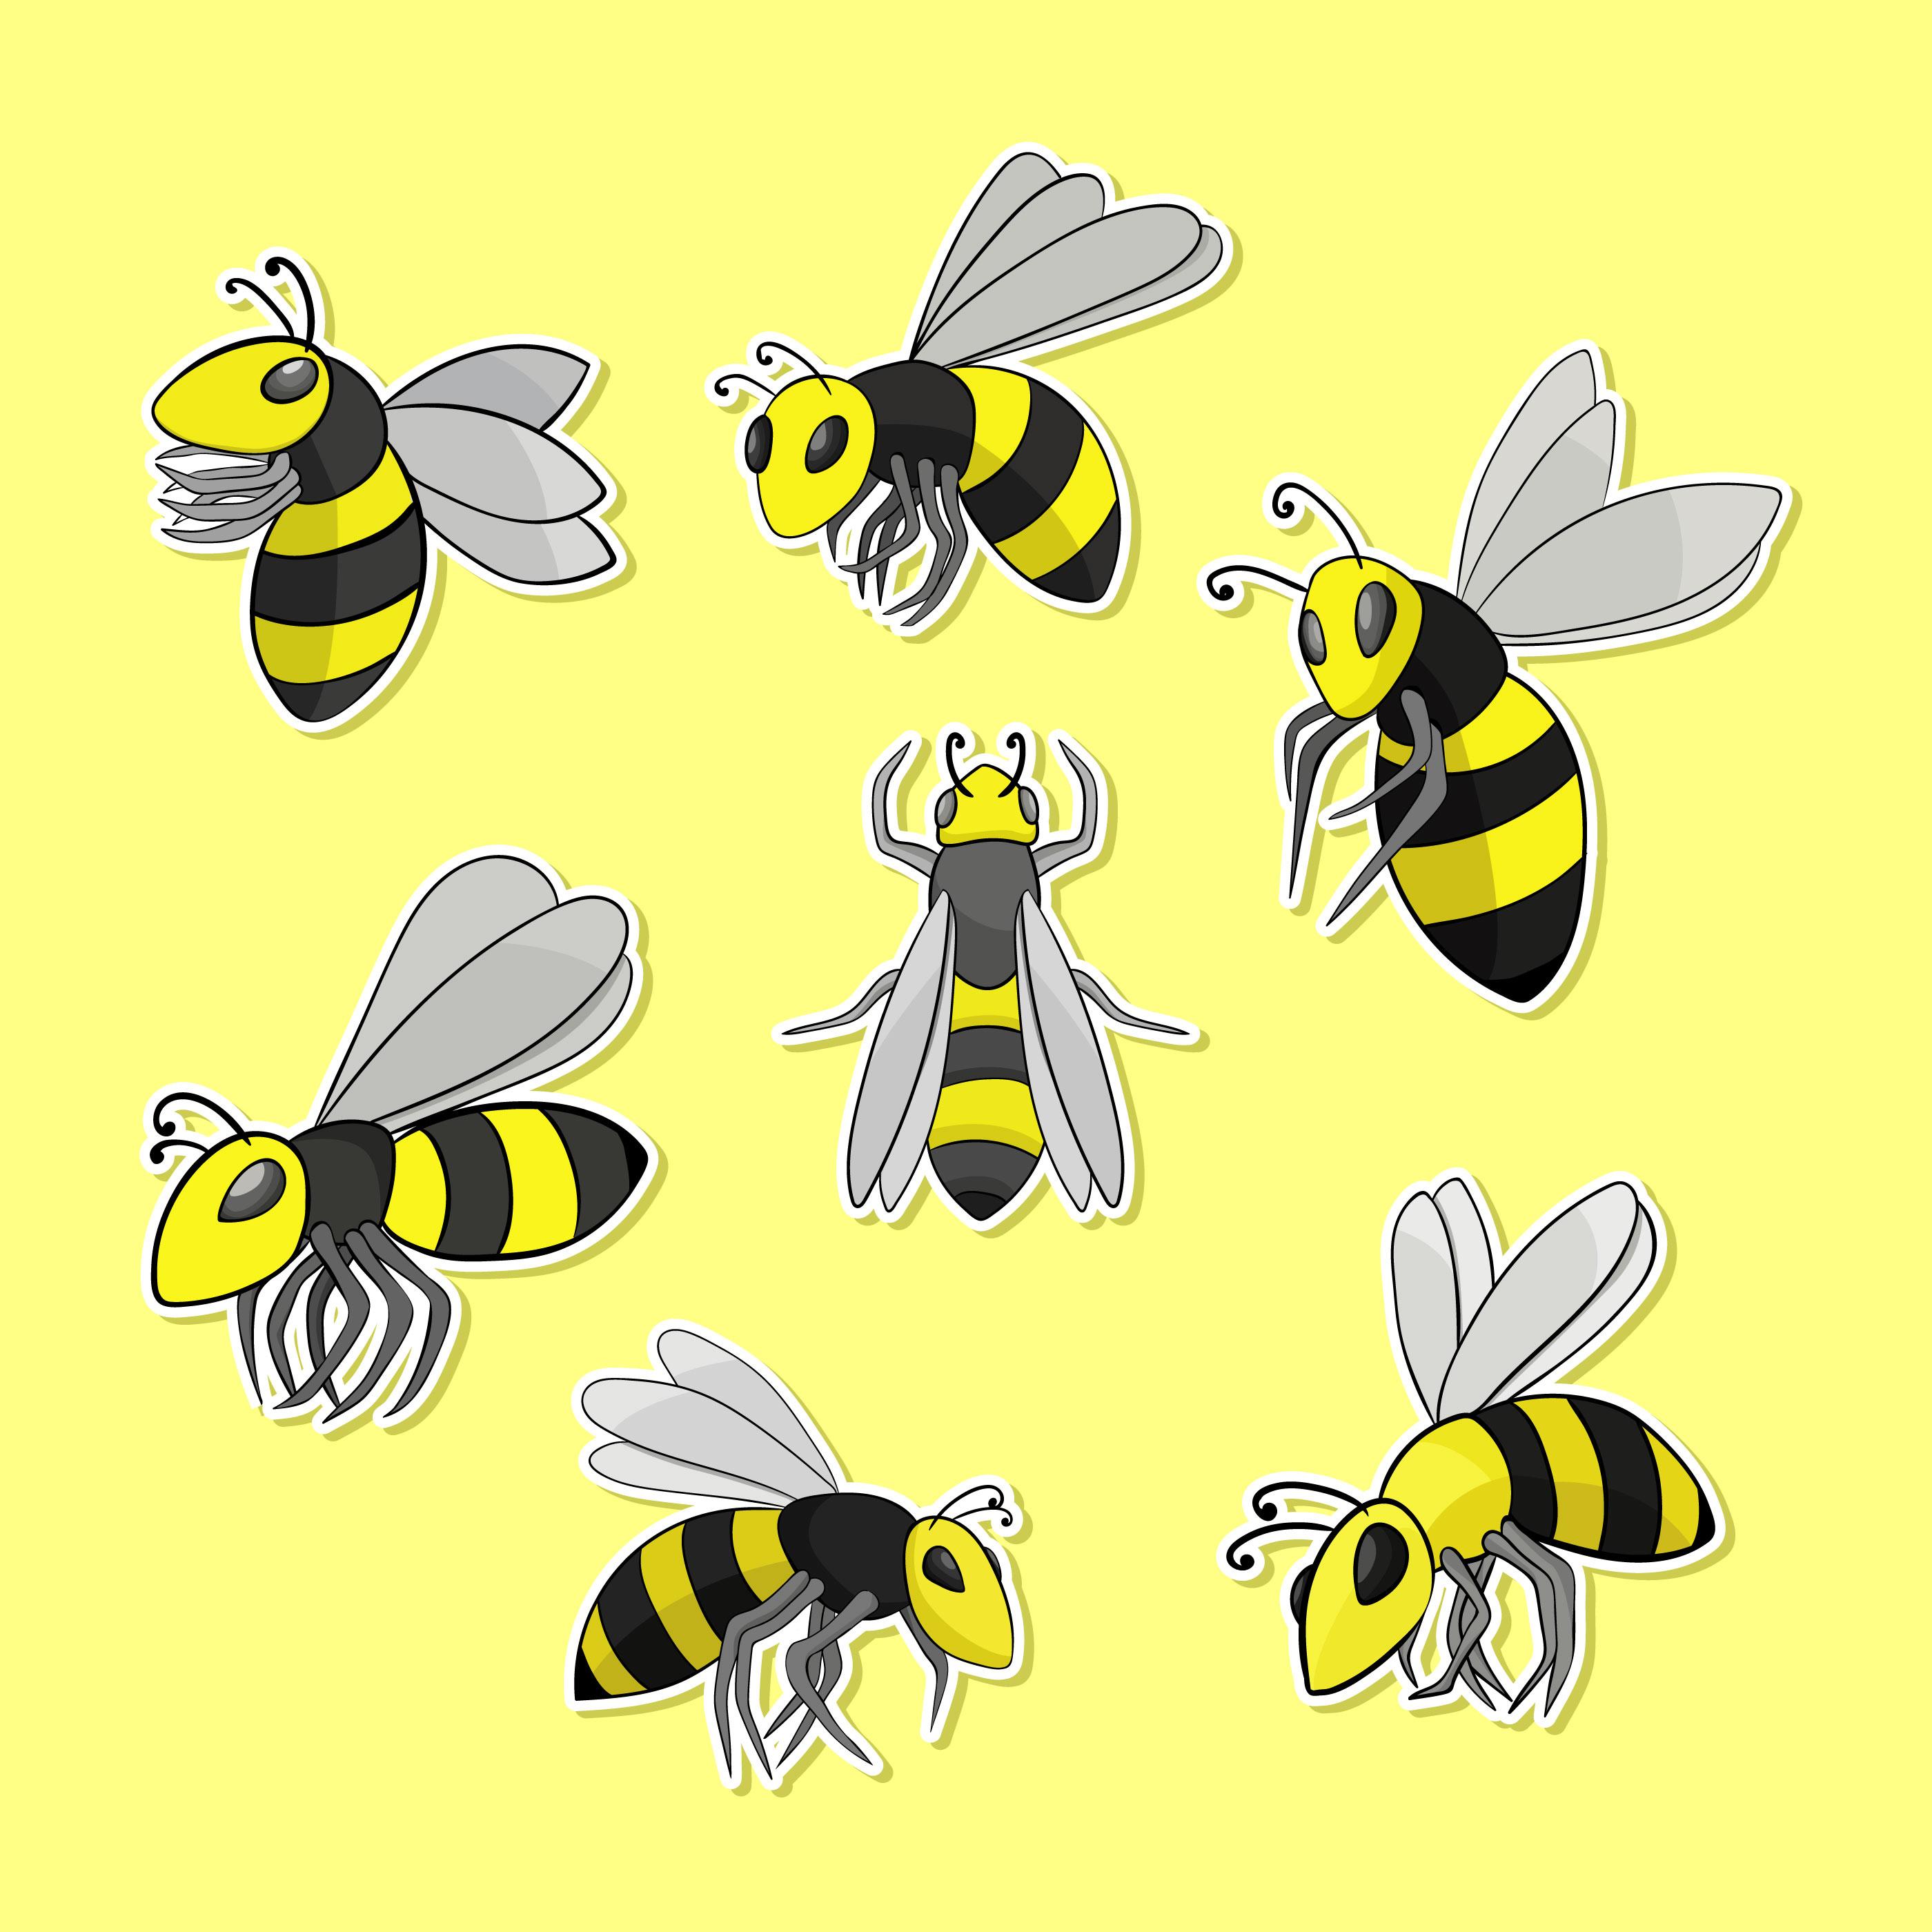 Нарисованная картинка осы